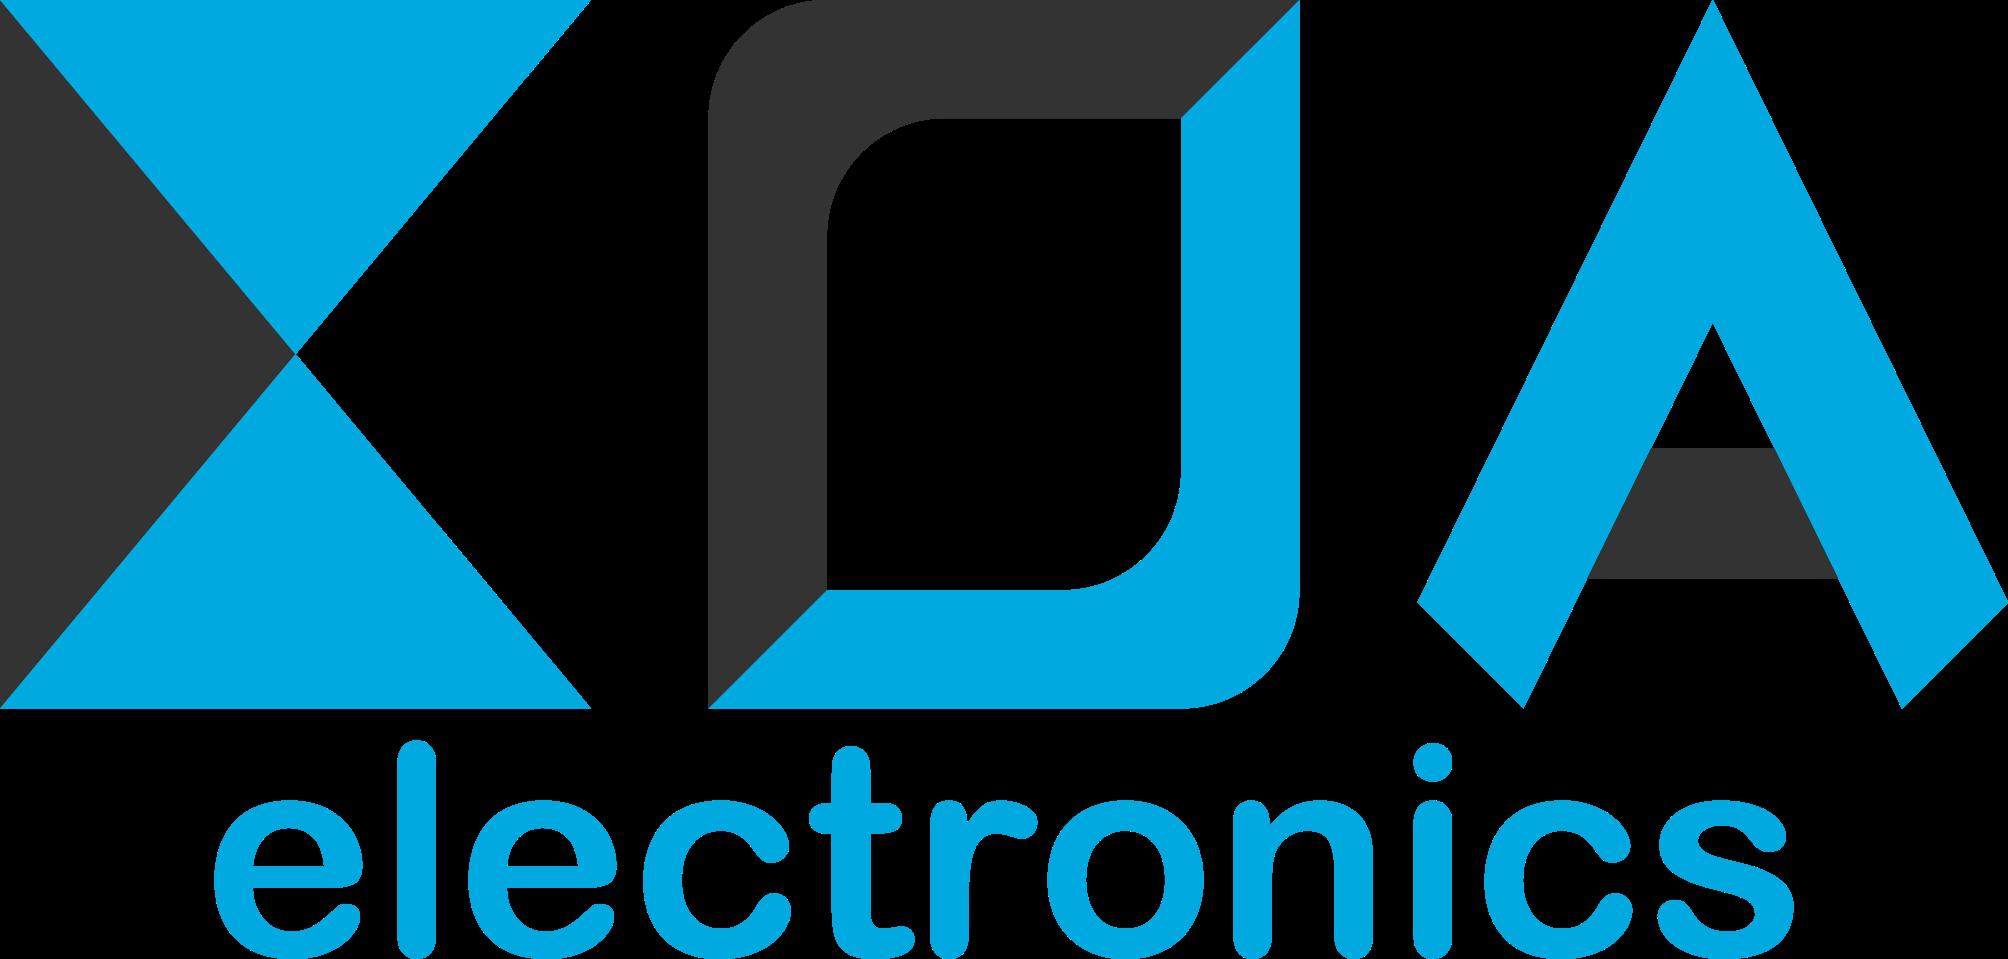 EOA-electronics Logo